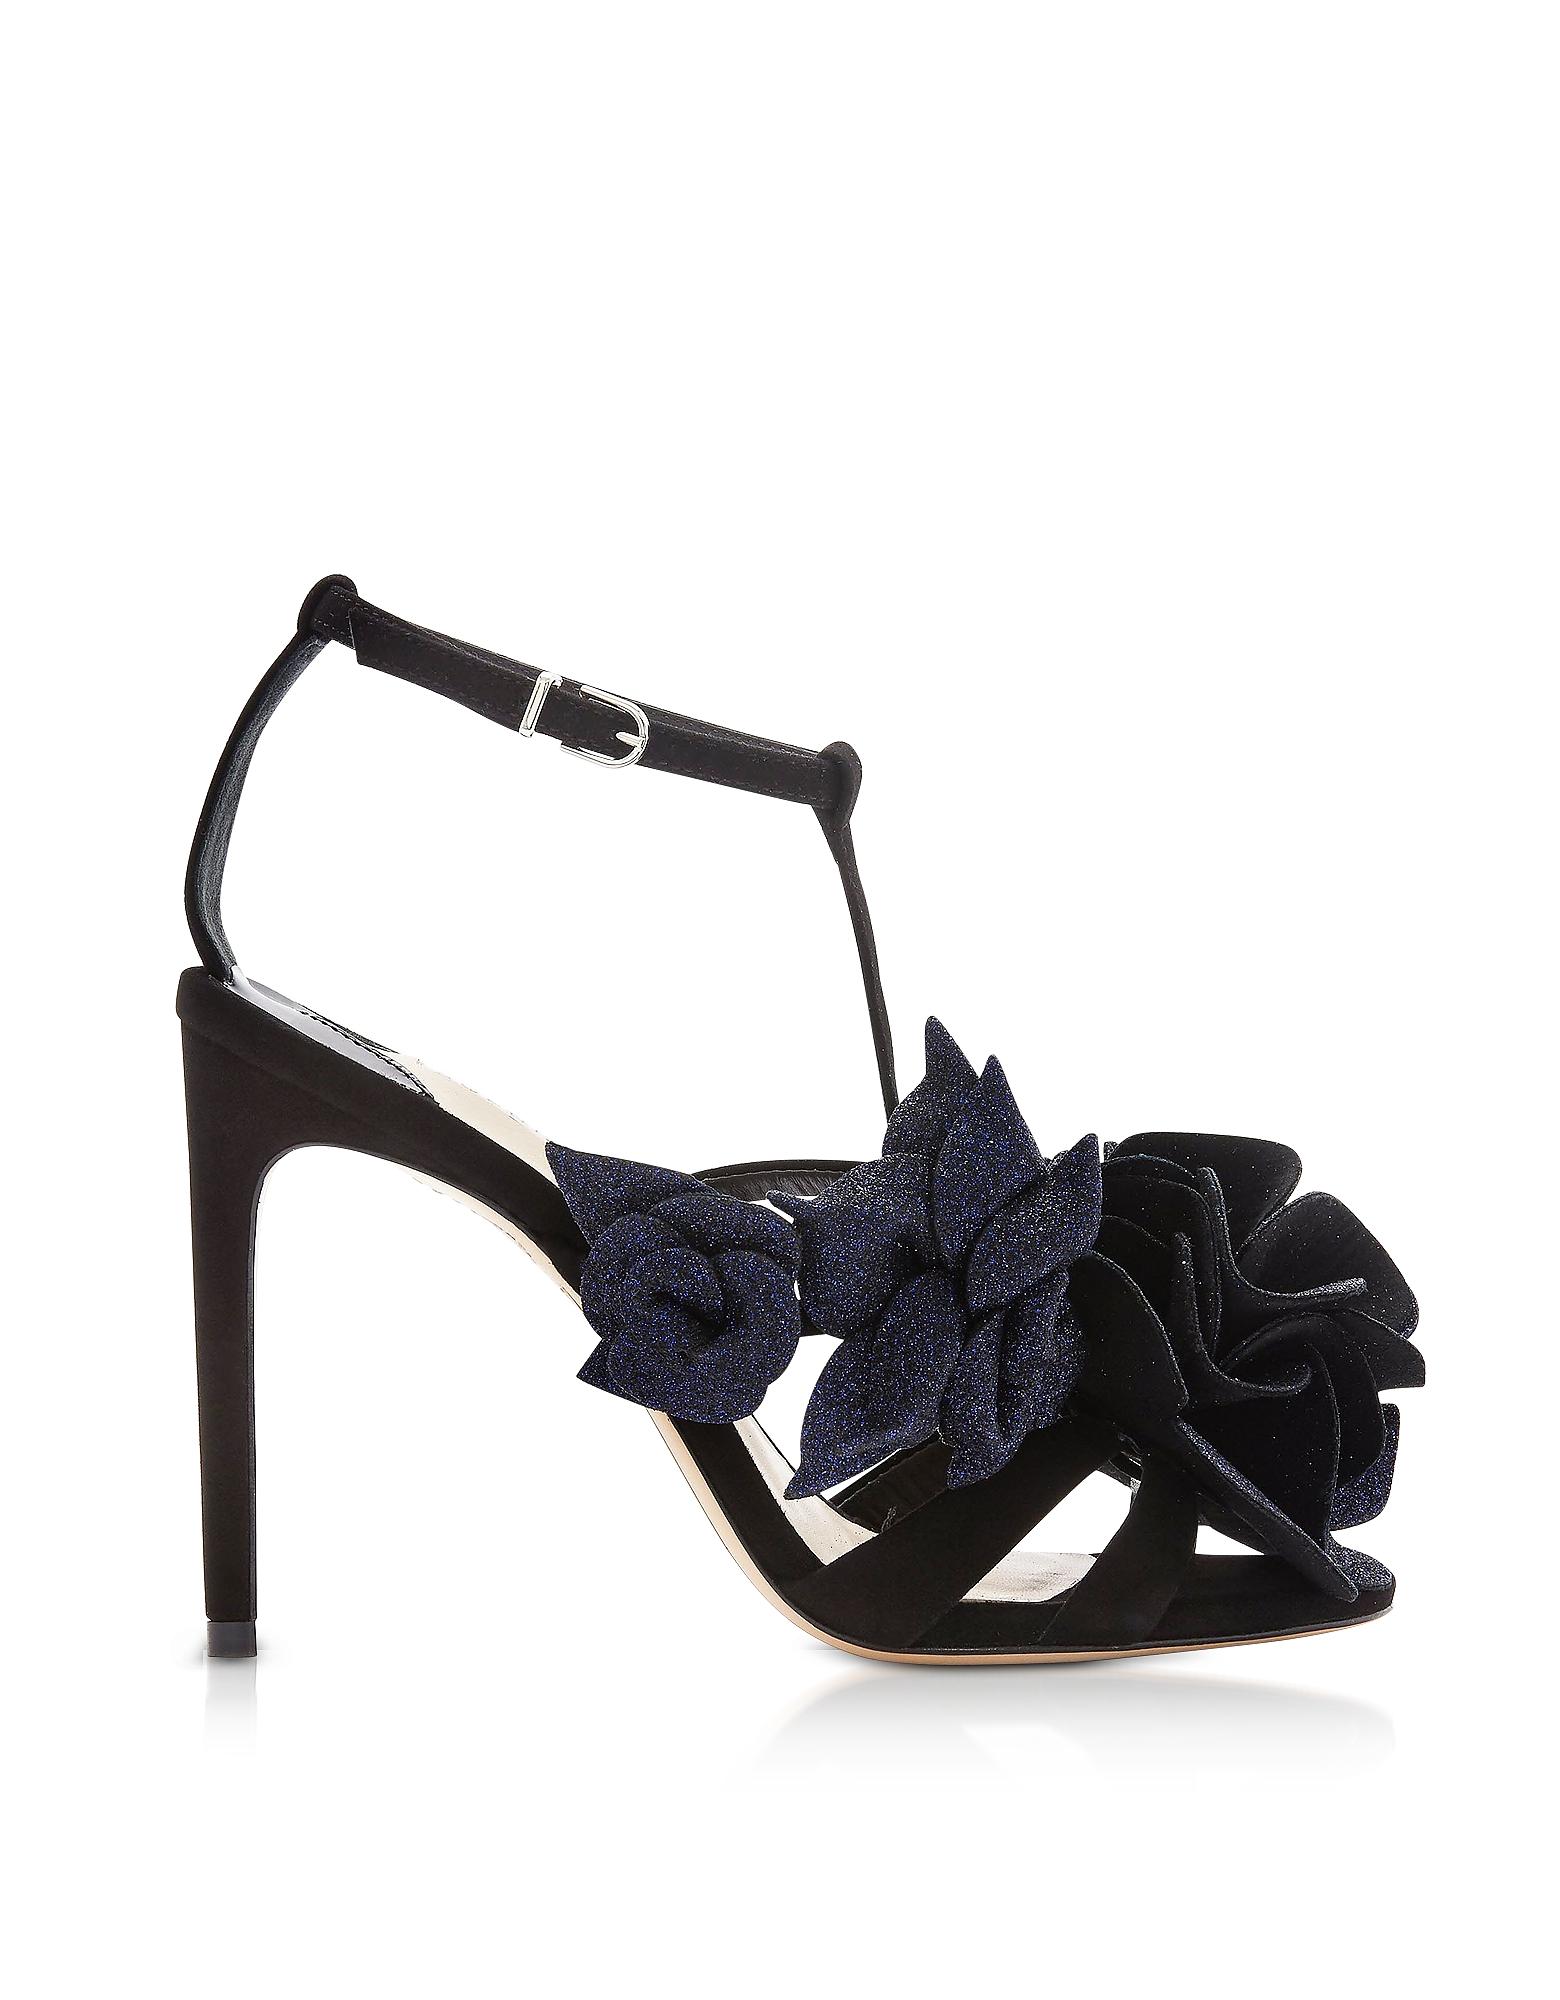 Sophia Webster Designer Shoes, Black & Midnight Jumbo Lilico Sandals